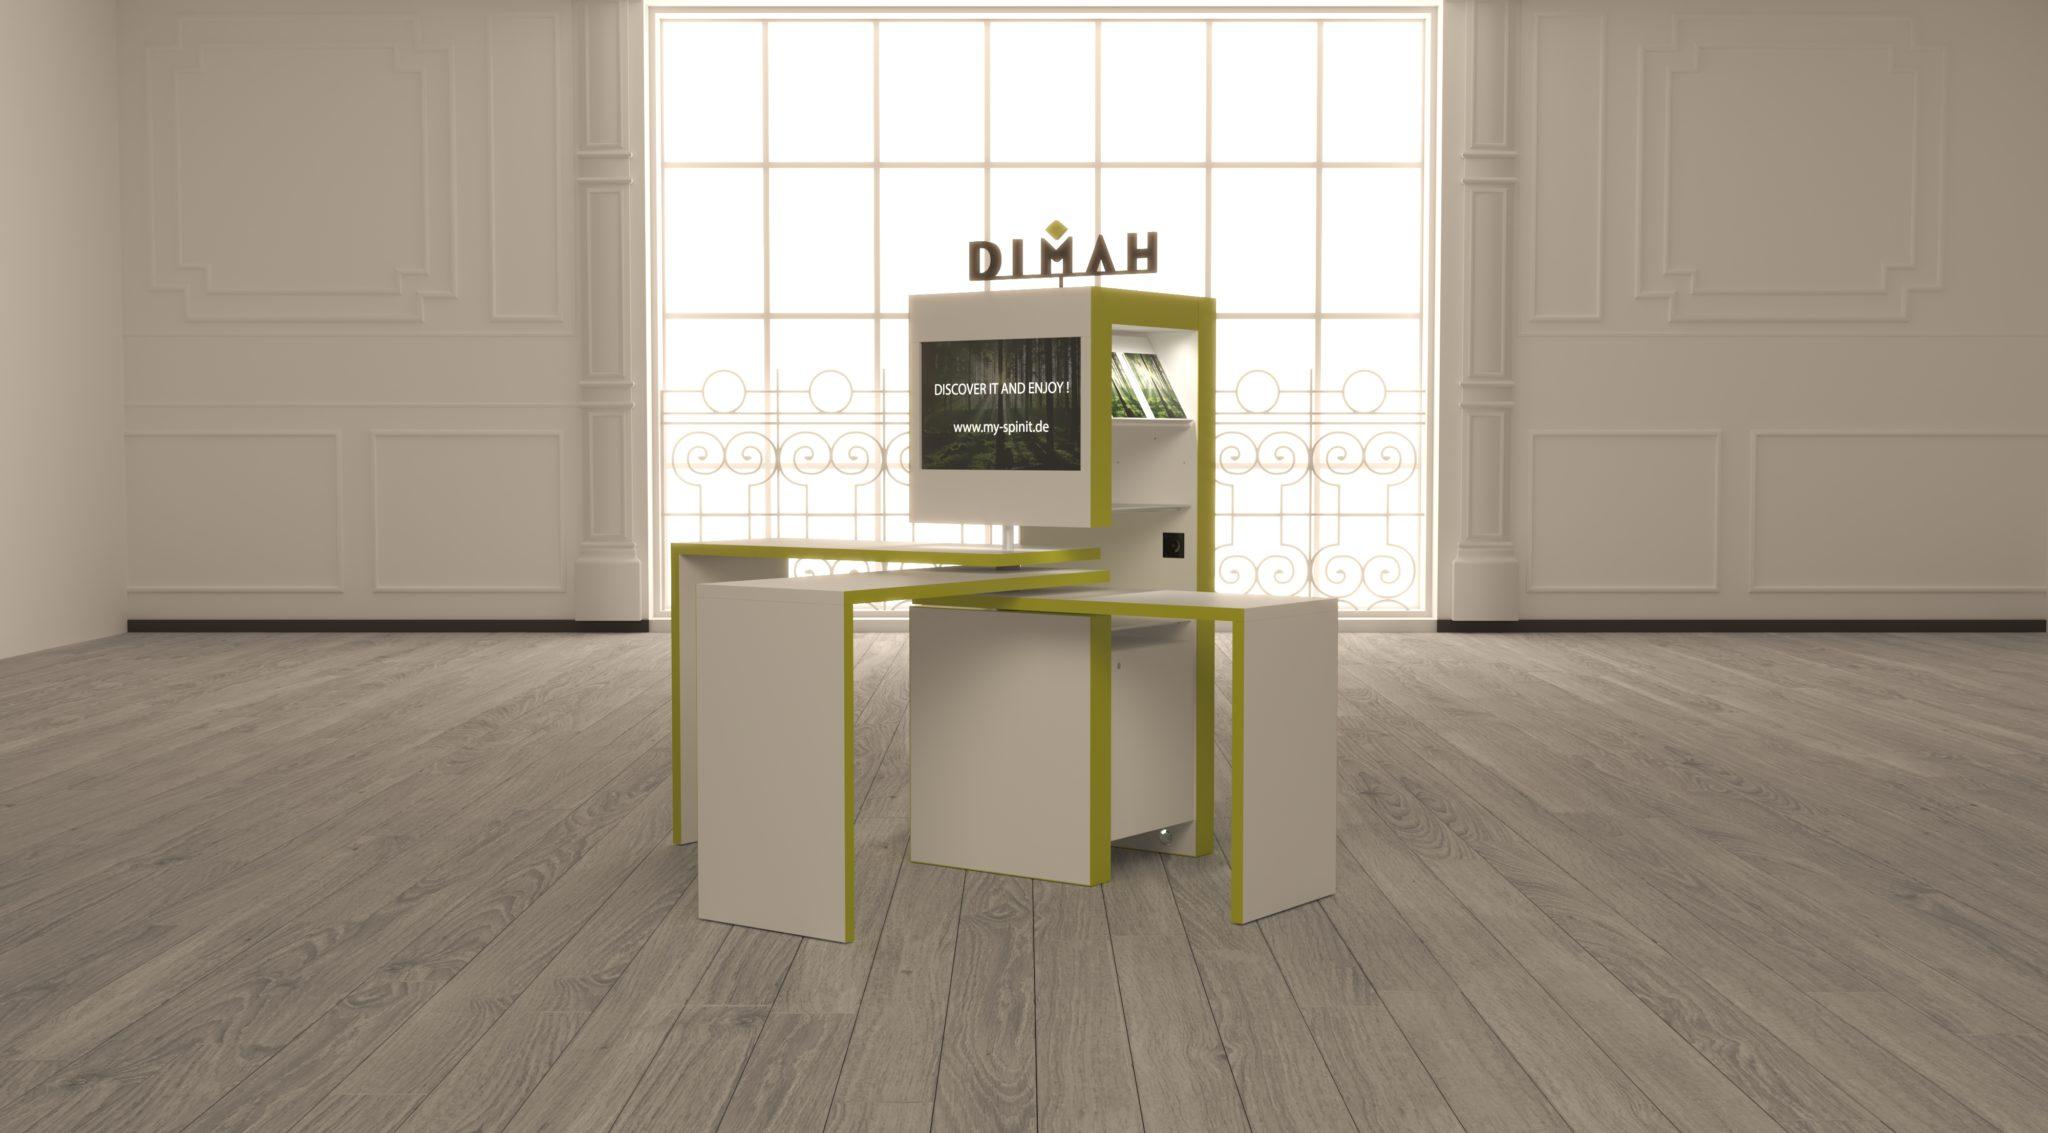 »SPINit! das intelligente, modulare Möbelsystem um Marken zu präsentieren«